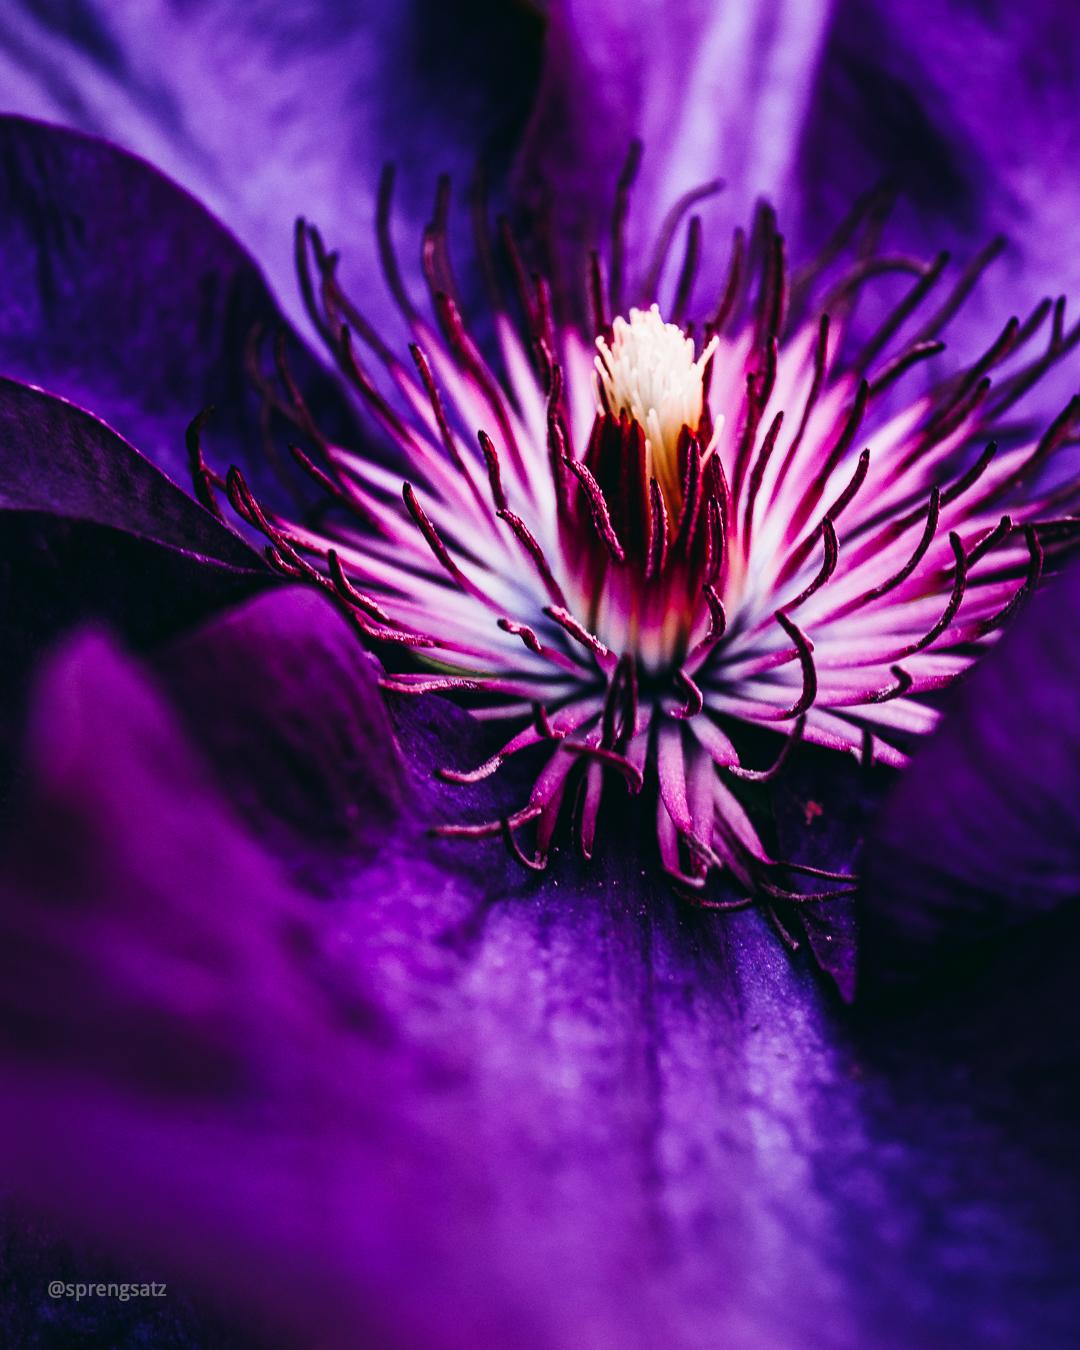 Macroaufnahme einer lilafarbenen Waldrebenblüte (Clematis)